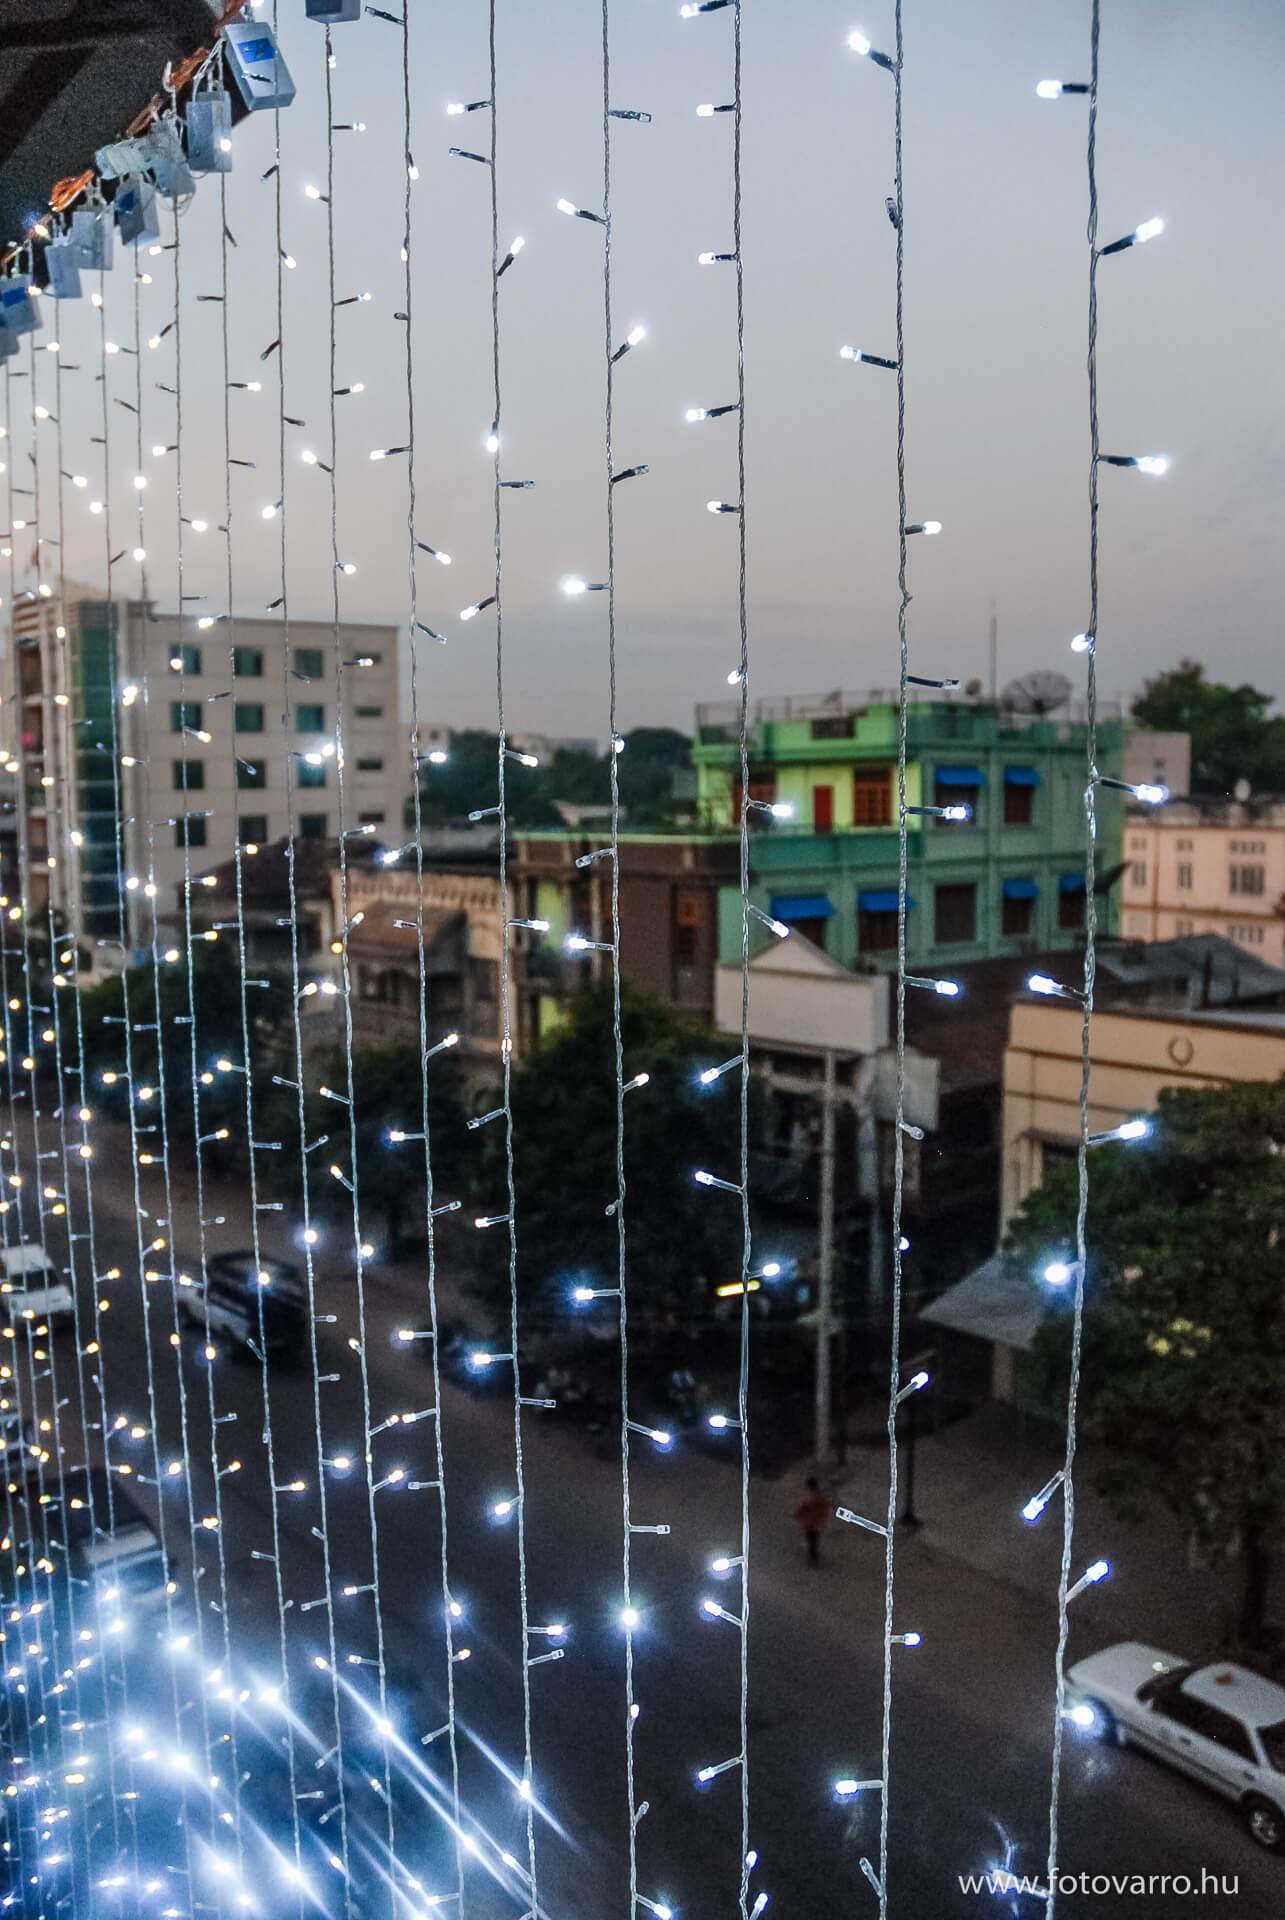 Burma_fotovarro_13